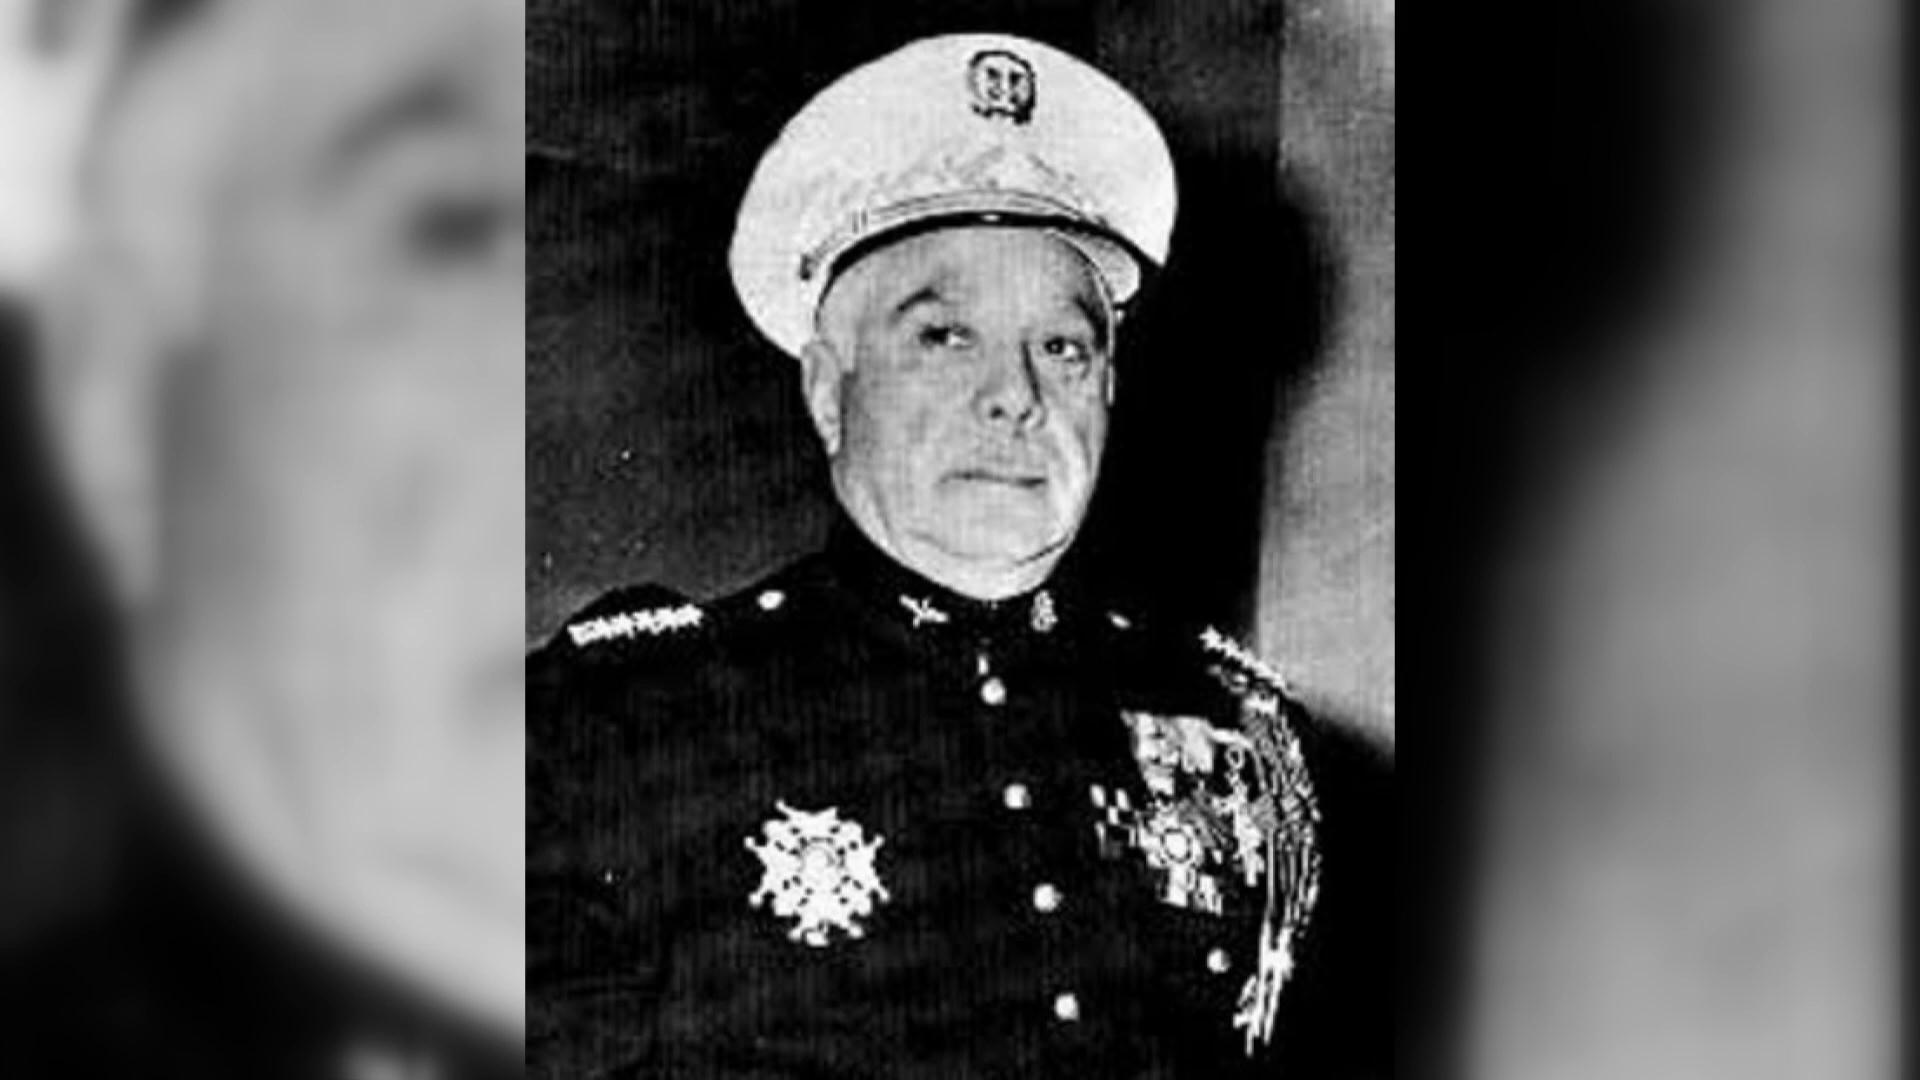 Resaltan acto heroico de hombres que pusieron fin a dictadura de Trujillo